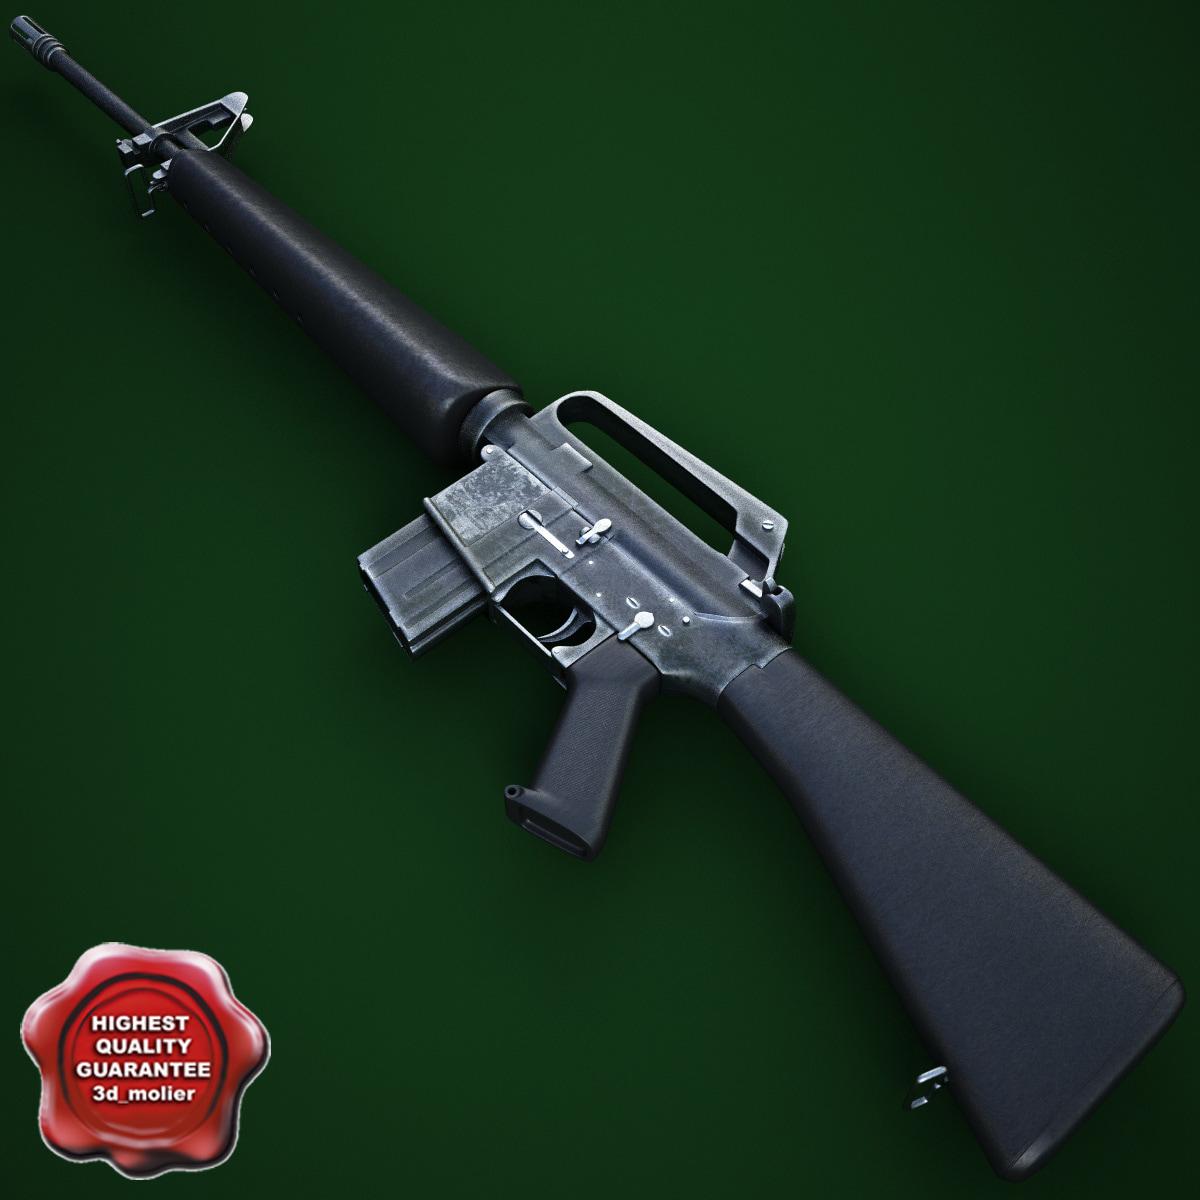 3d model of m16a1 assault rifle